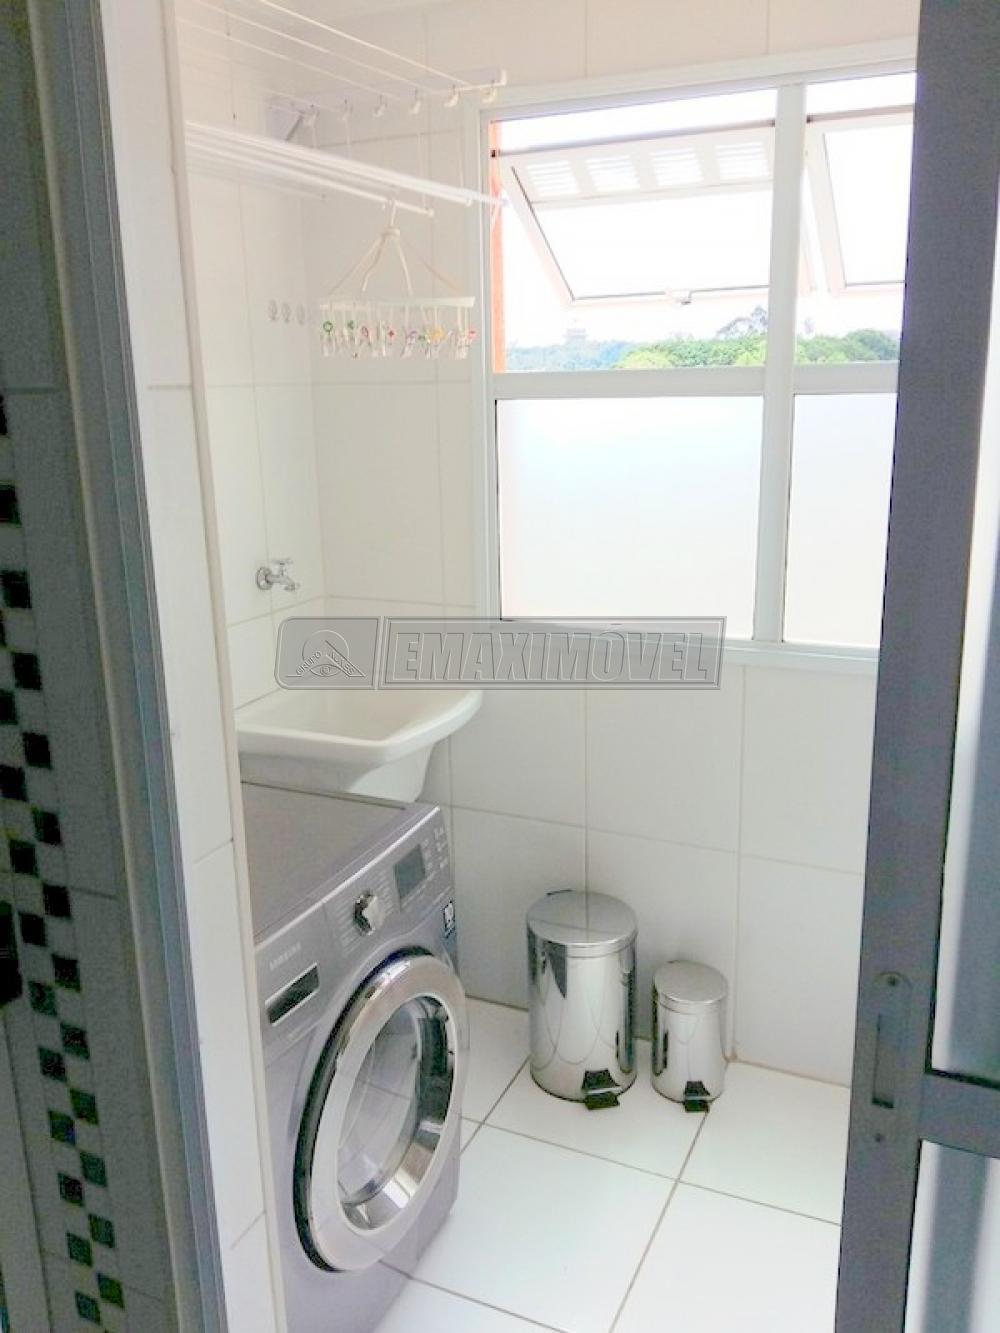 Comprar Apartamentos / Apto Padrão em Sorocaba apenas R$ 277.000,00 - Foto 5